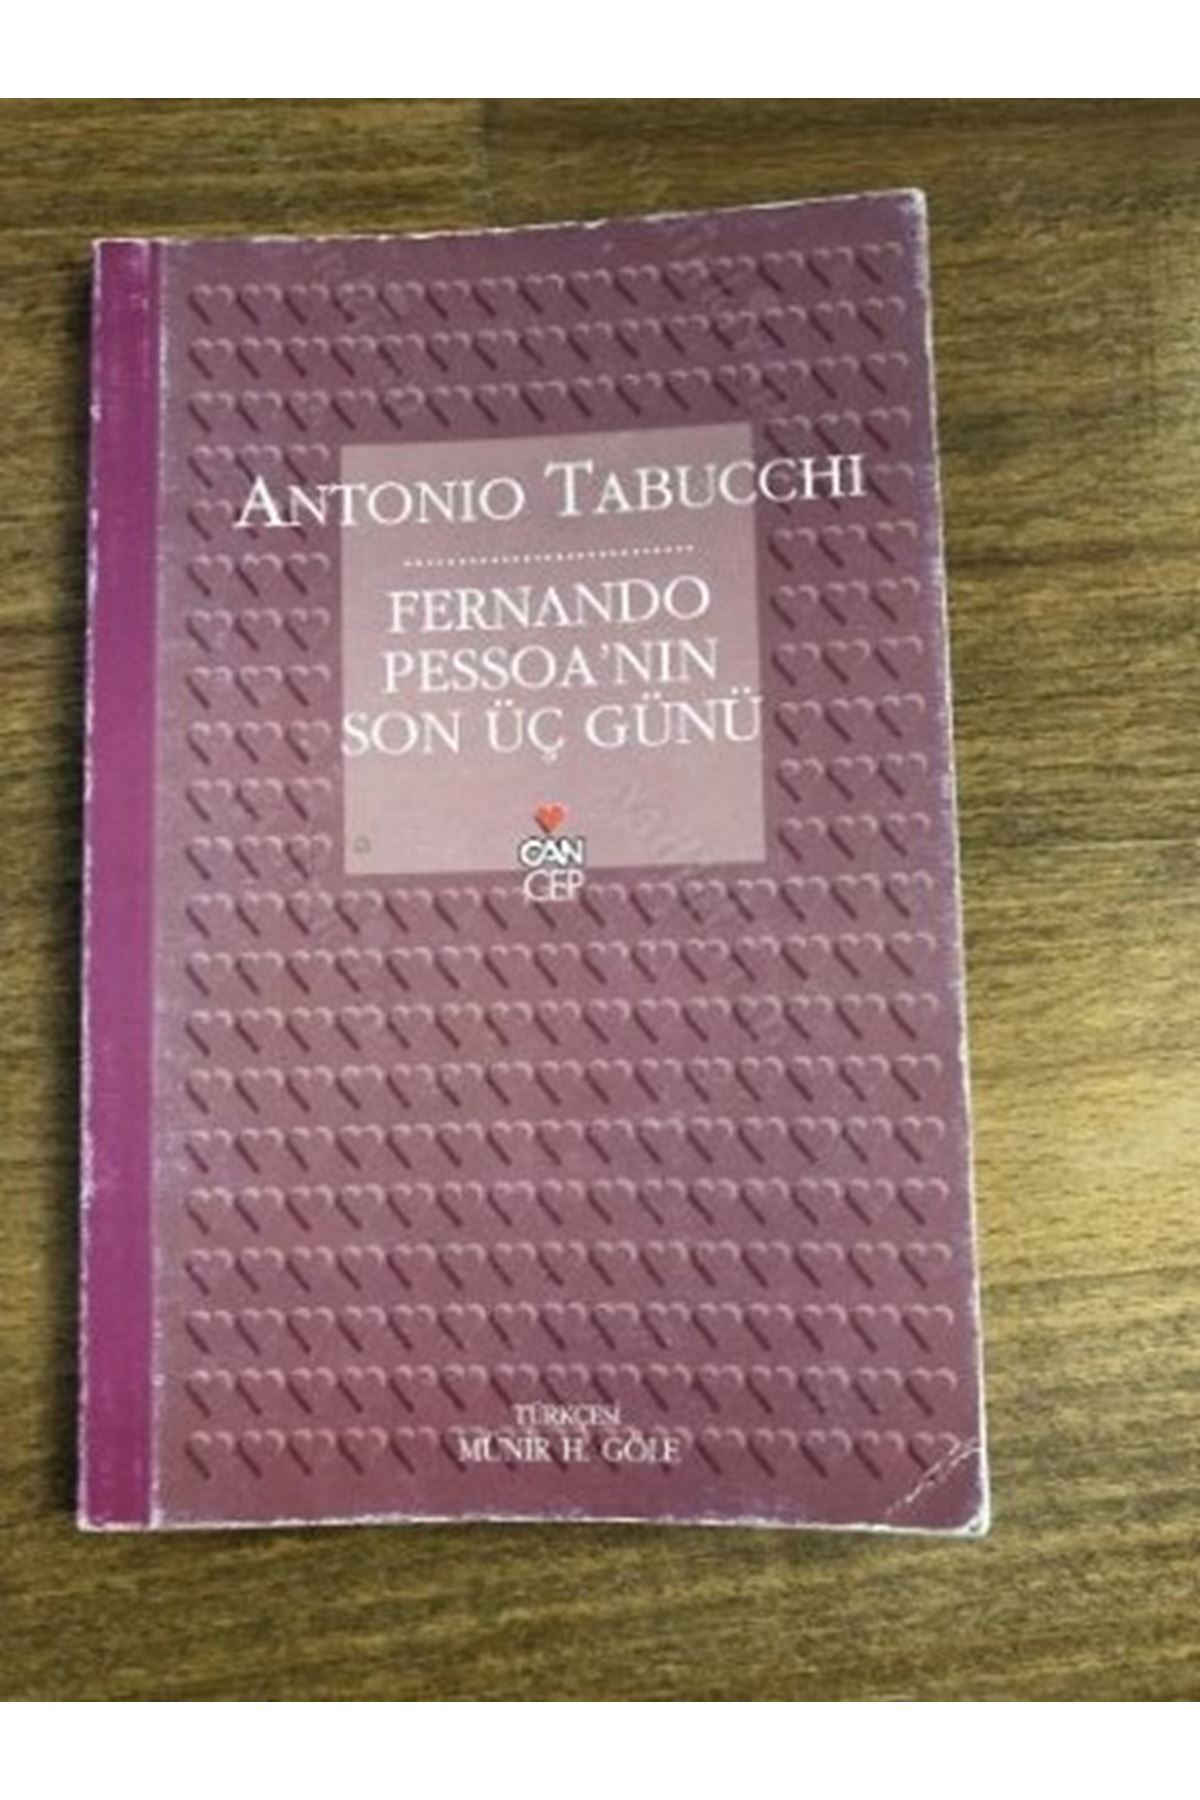 ANTONİO TABUCCHİ - FERNANDO PESSOA'NIN SON ÜÇ GÜNÜ